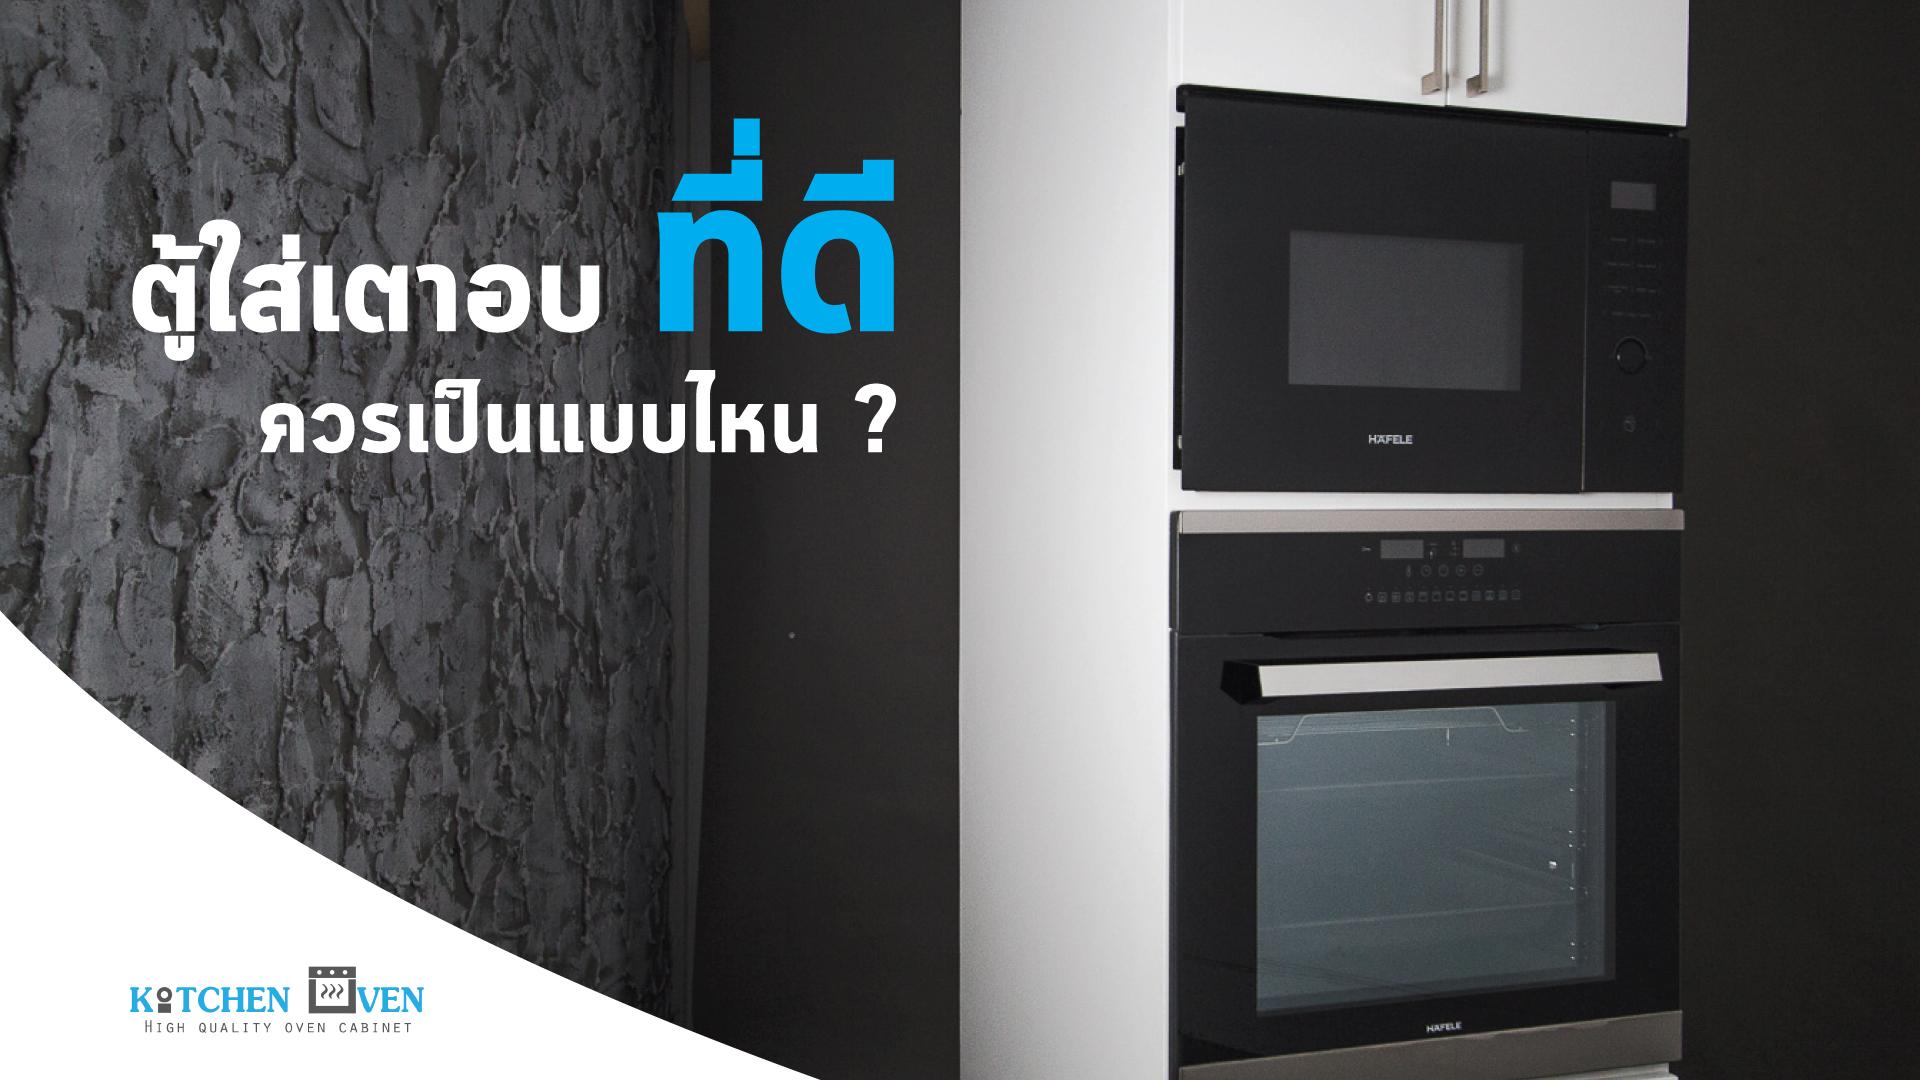 ตู้ใส่เตาอบที่ดี ควรเป็นแบบไหน ?, ตู้ใส่เตาอบ, ตู้เตาอบ, Oven cabinet,